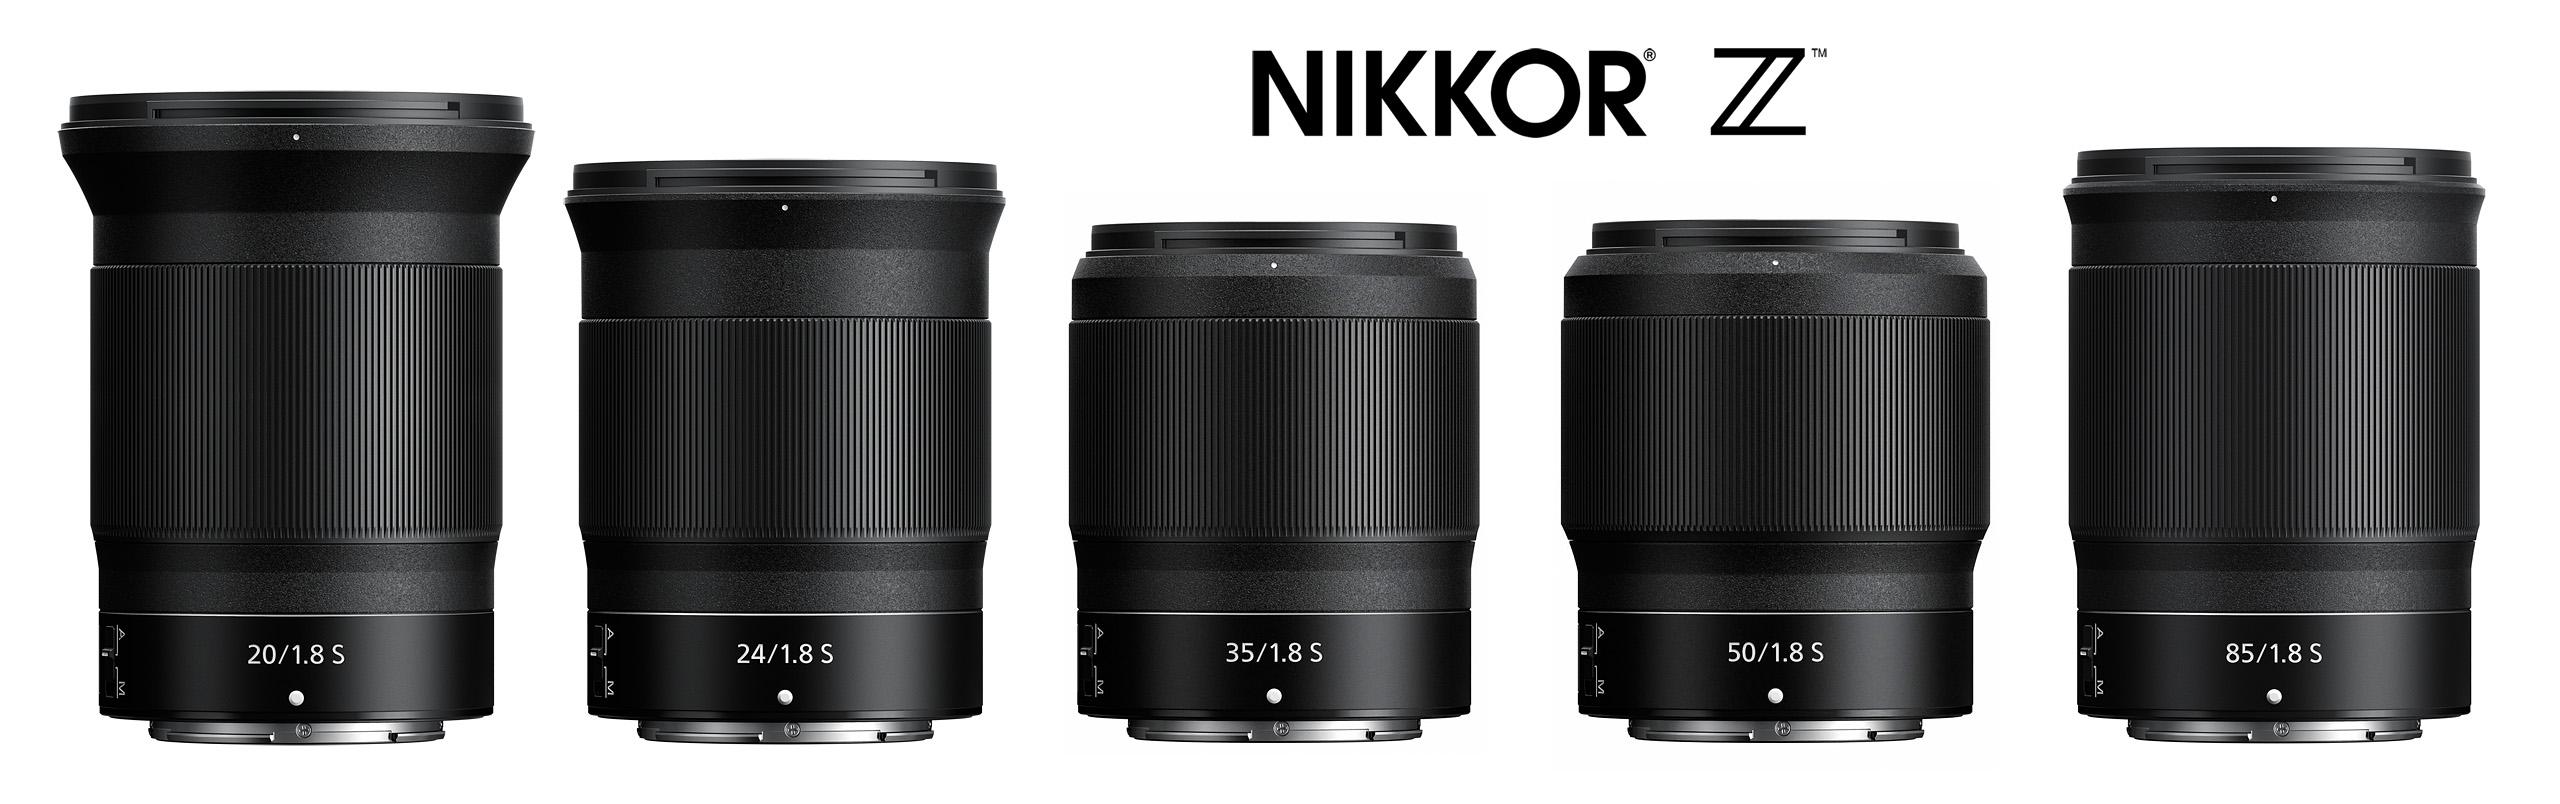 Řada monofokálních objektivů Nikkor Z S-line se světelností f/1,8 | březen 2020